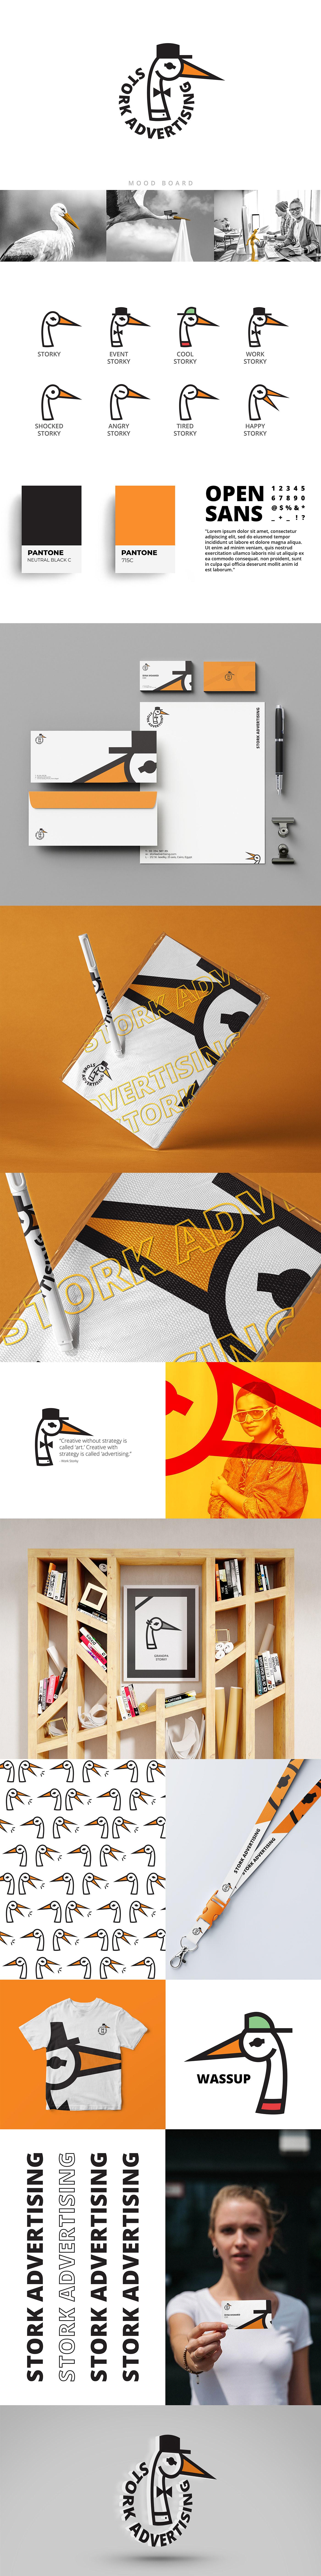 branding  Advertising  agency logo stork Advertising Agency orange bird egypt black